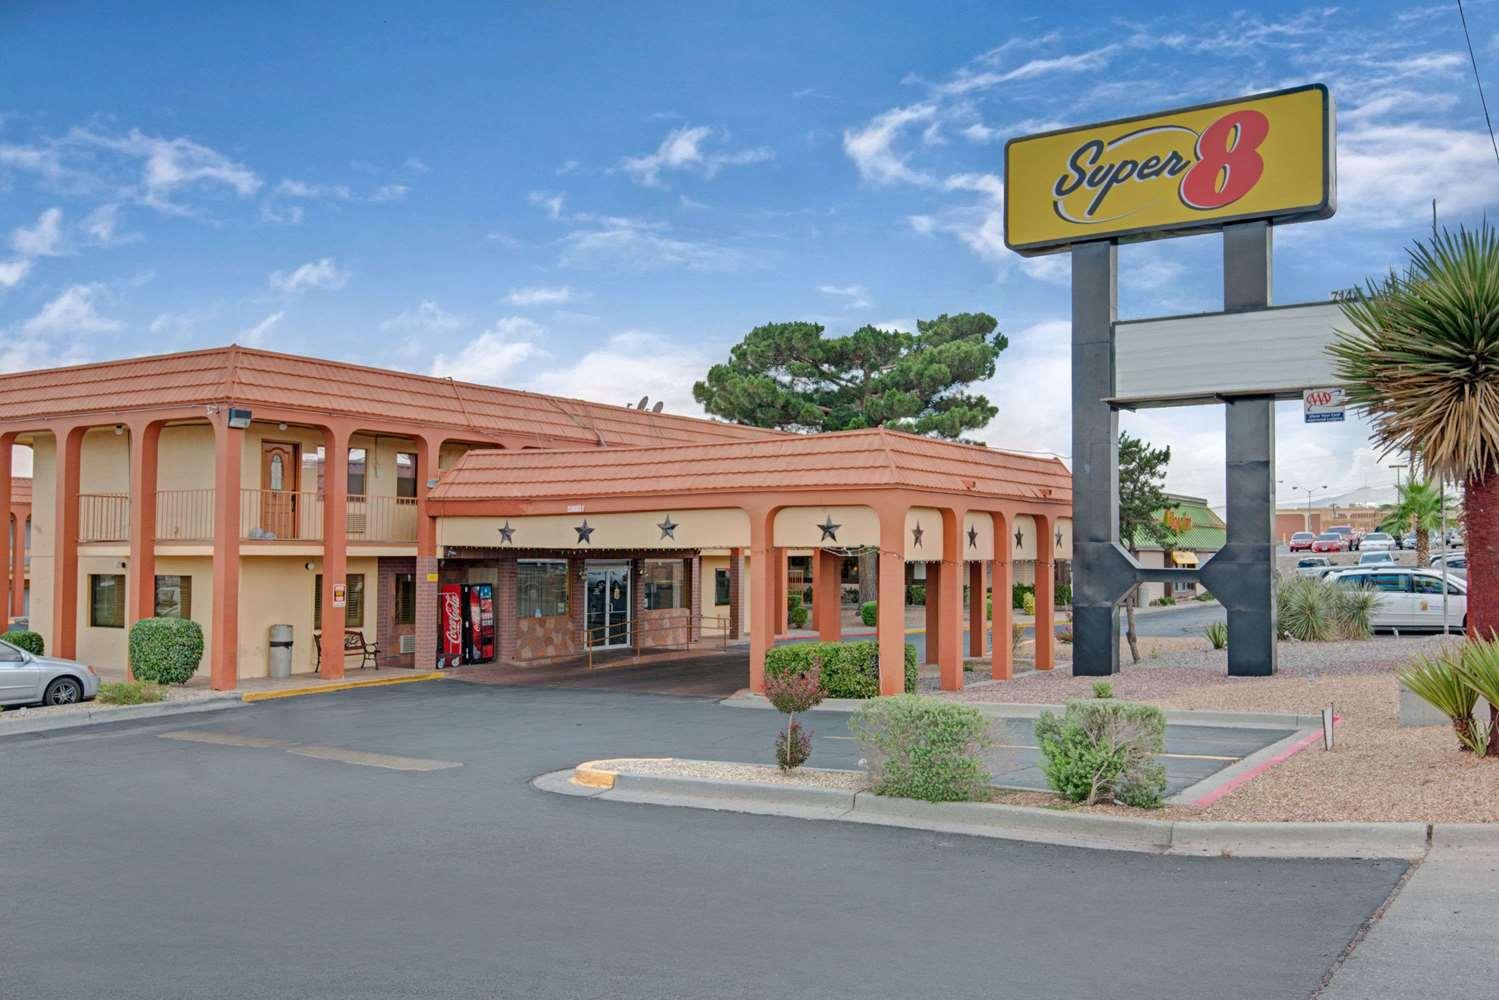 super 8 hotel airport el paso tx see discounts. Black Bedroom Furniture Sets. Home Design Ideas